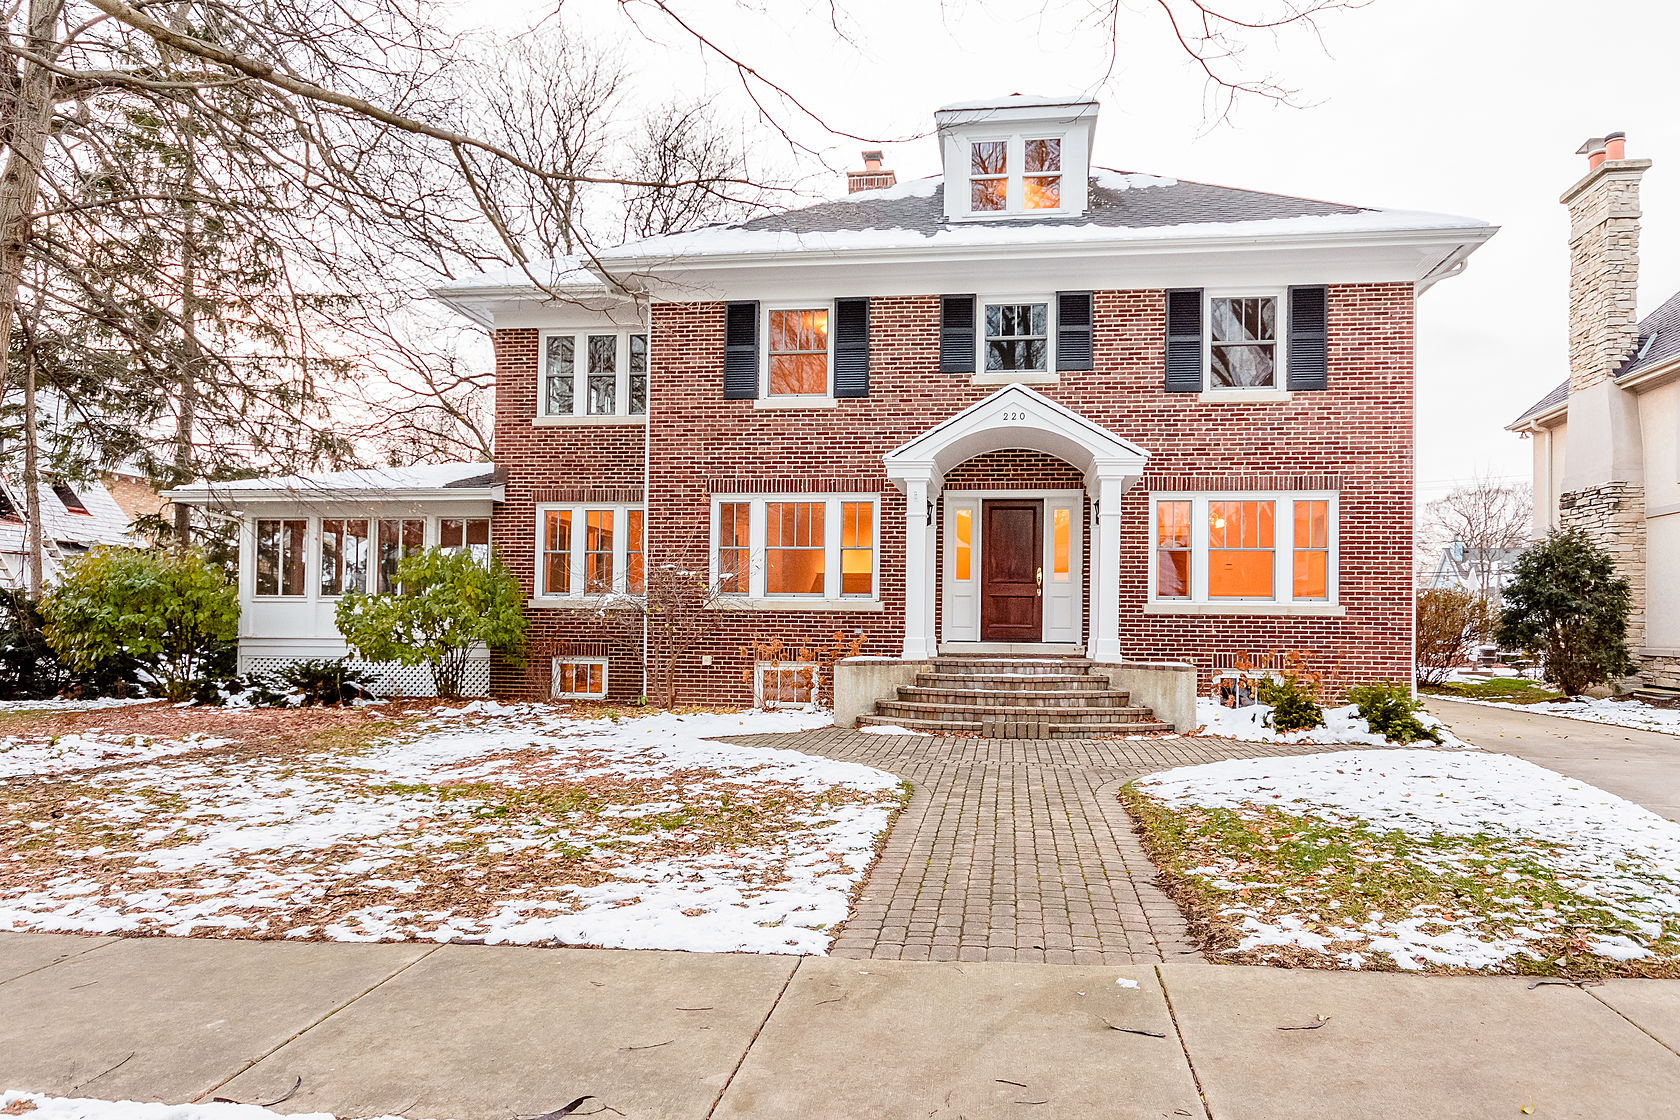 Maison unifamiliale pour l Vente à 220 N Lincoln 220 N. Lincoln Hinsdale, Illinois, 60521 États-Unis